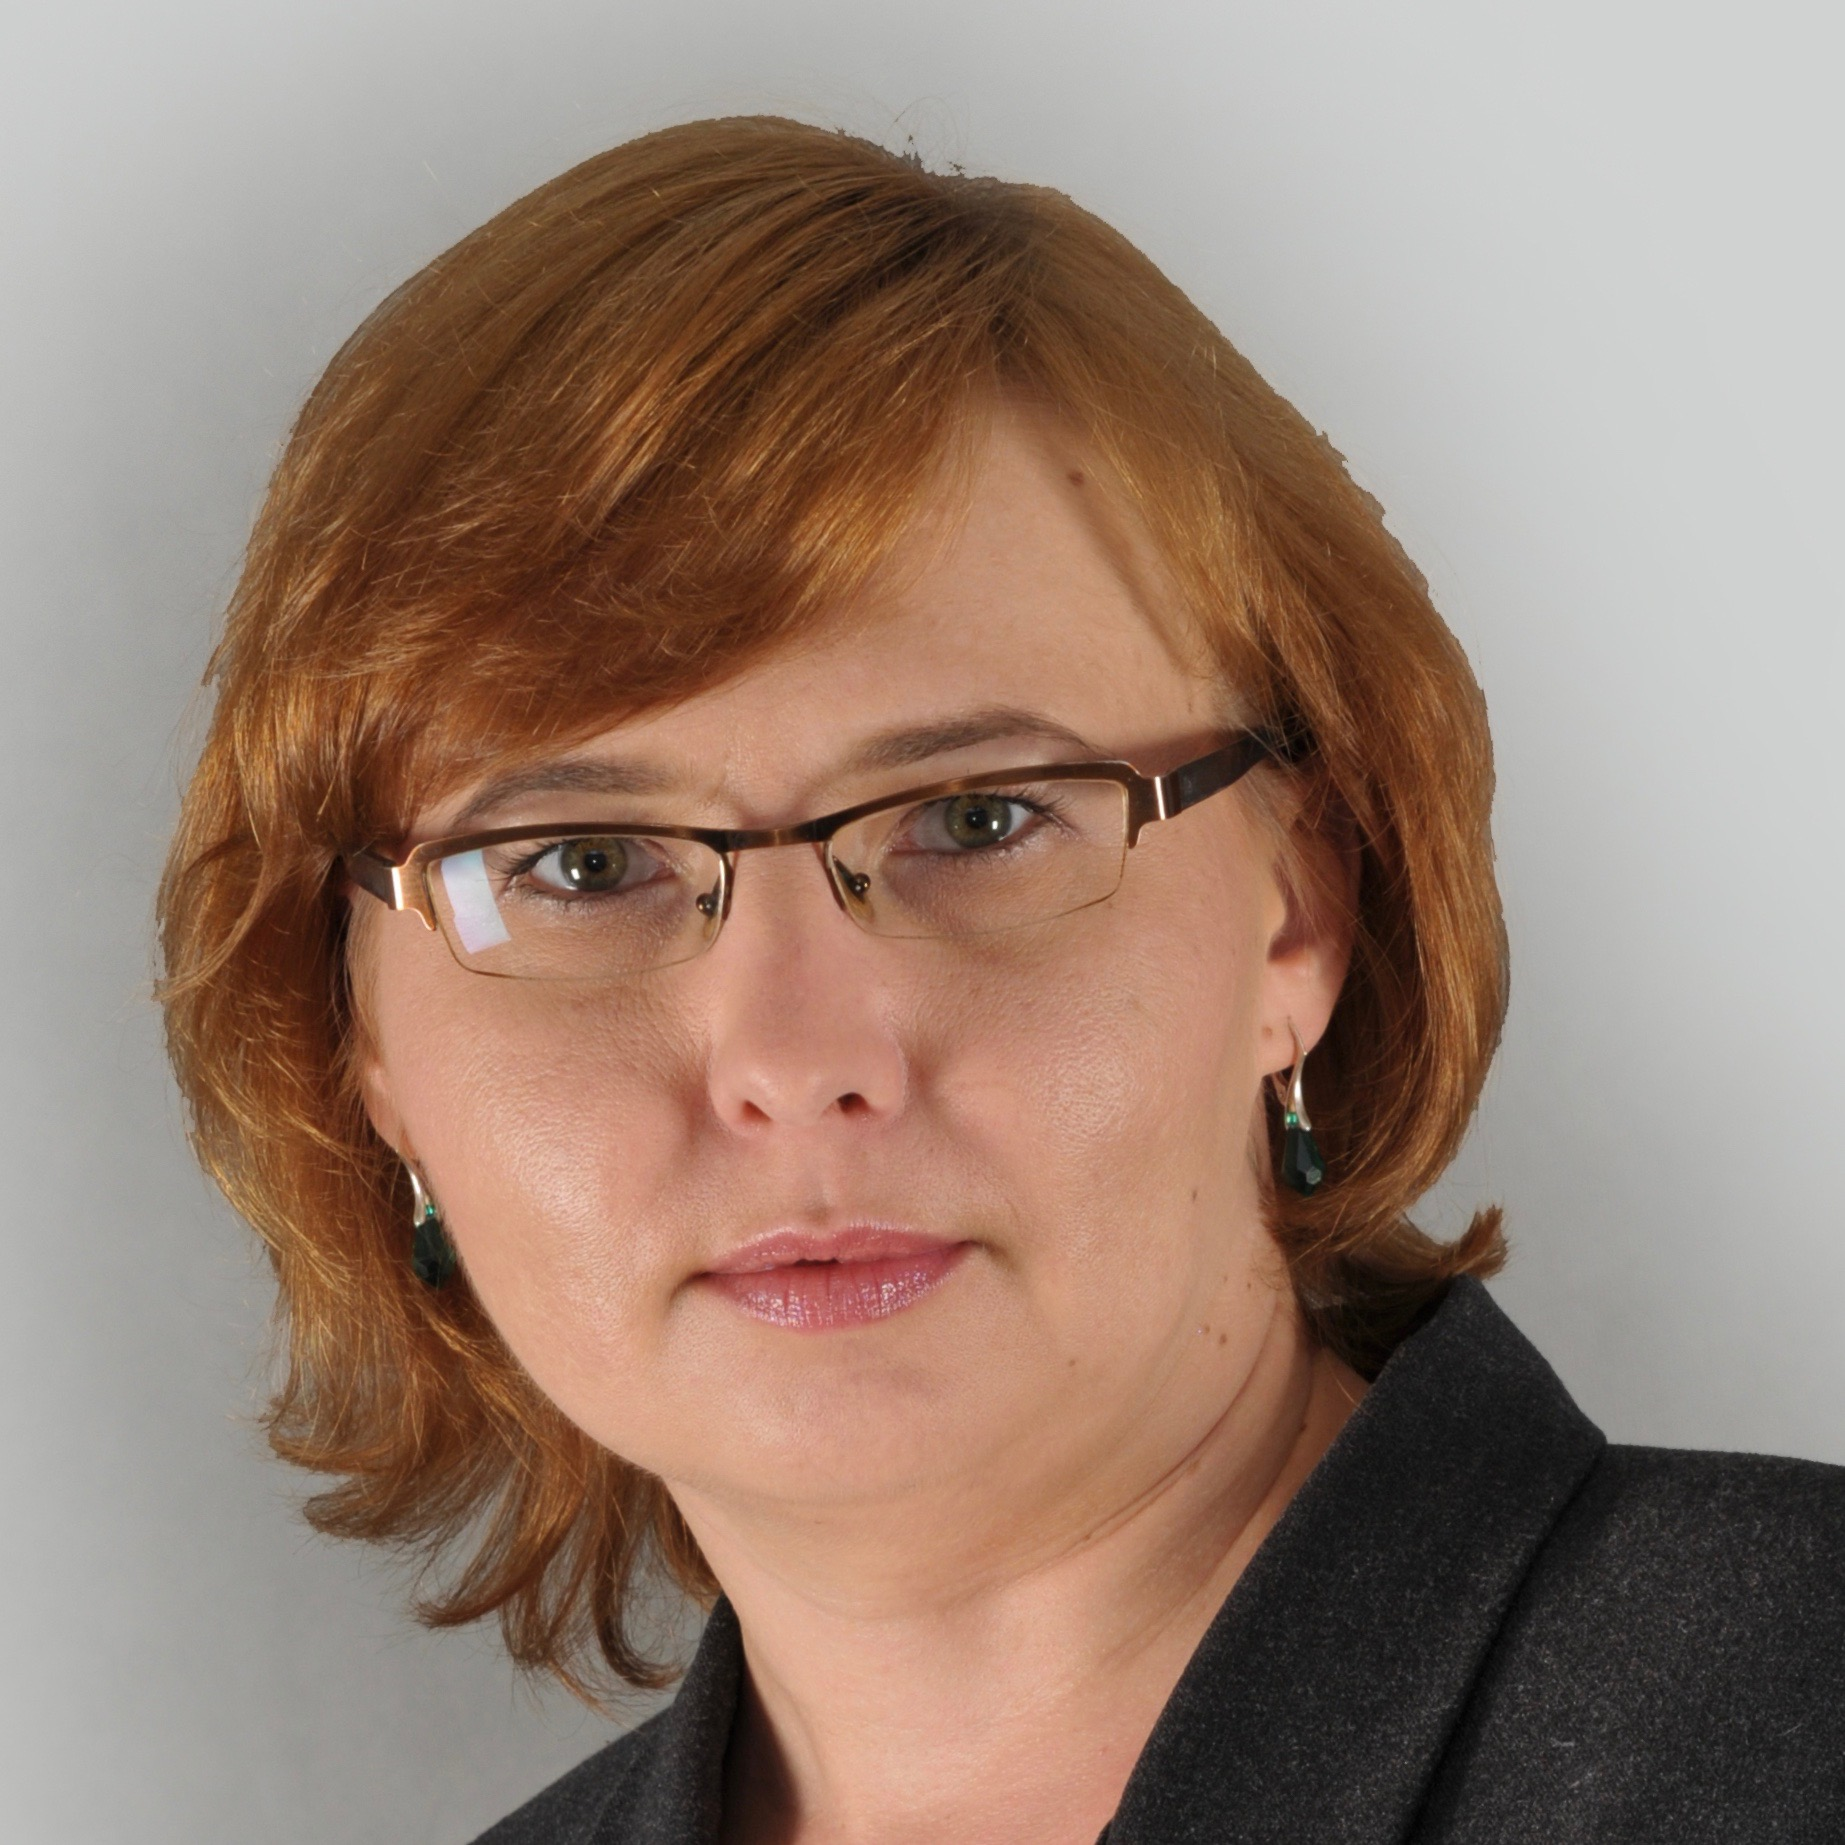 Monika Chłopik, analityk Polskiej Izby Ubezpieczeń. Fot. archiwum